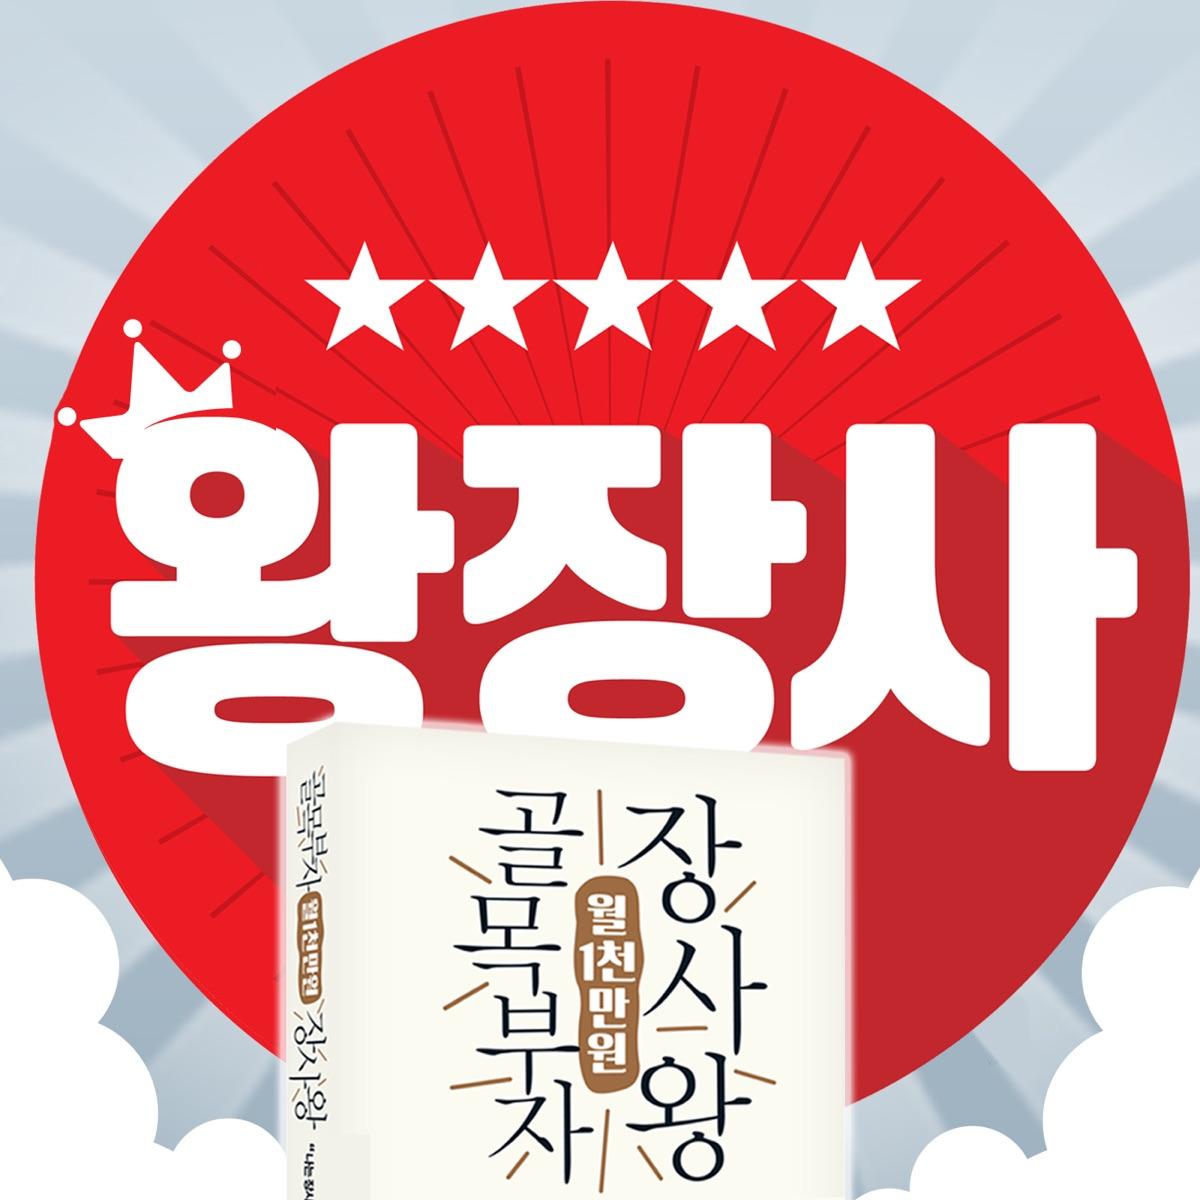 왕장사 [ 왕초보 장사꾼의 사장수업 ]